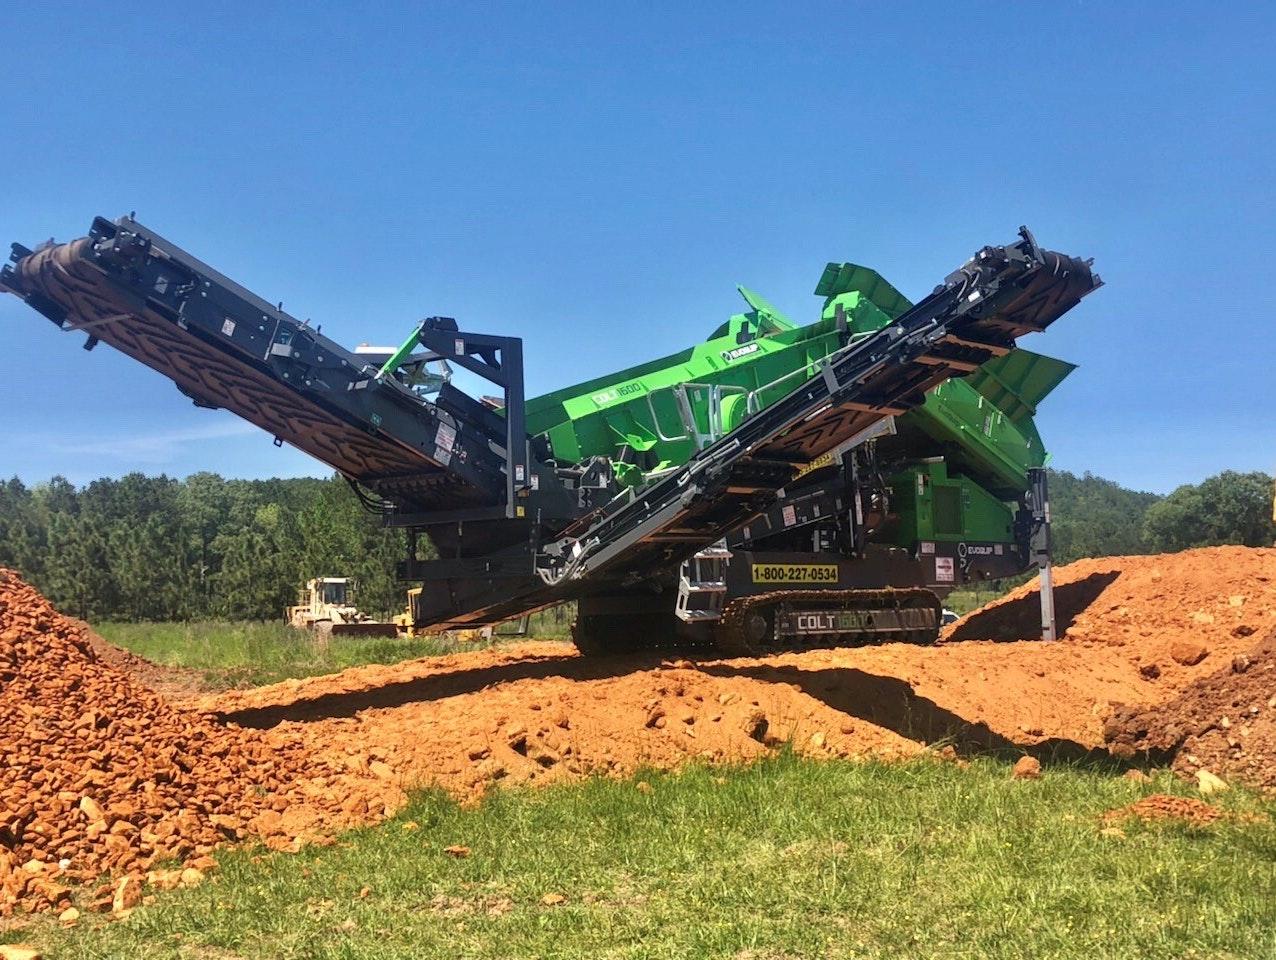 Colt 1600 Screening Clay Soil Mix At 2 Usa  2020 8 1